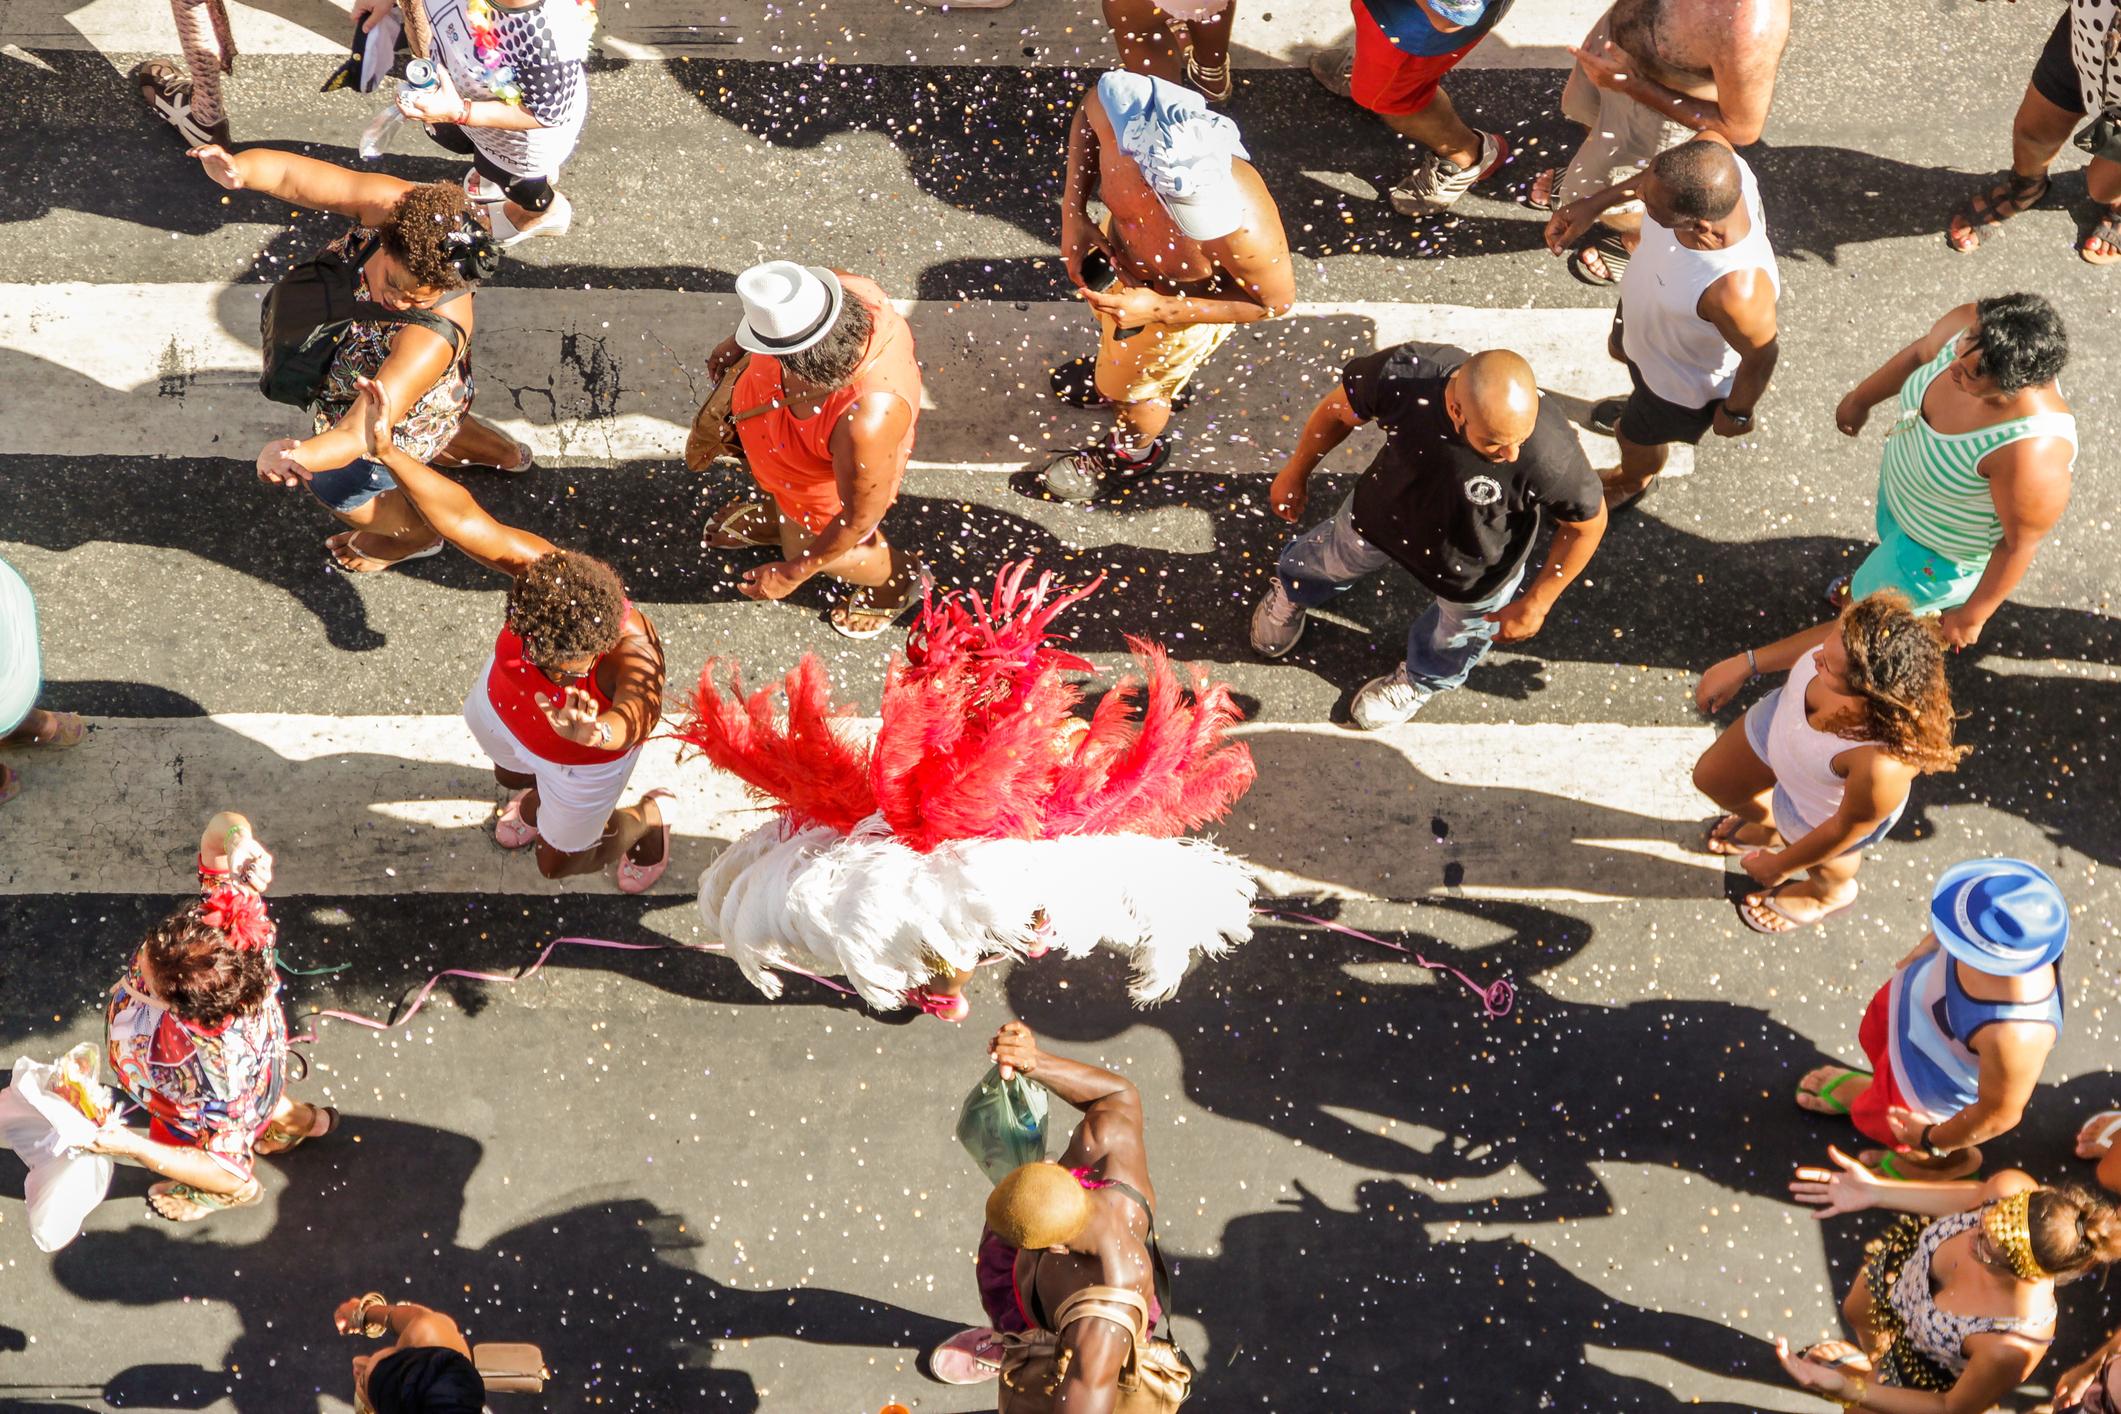 O Carnaval é época de alegria e muita diversão. Nos bloquinhos, é preciso tomar alguns cuidados com a saúde para não desgastar o organismo.